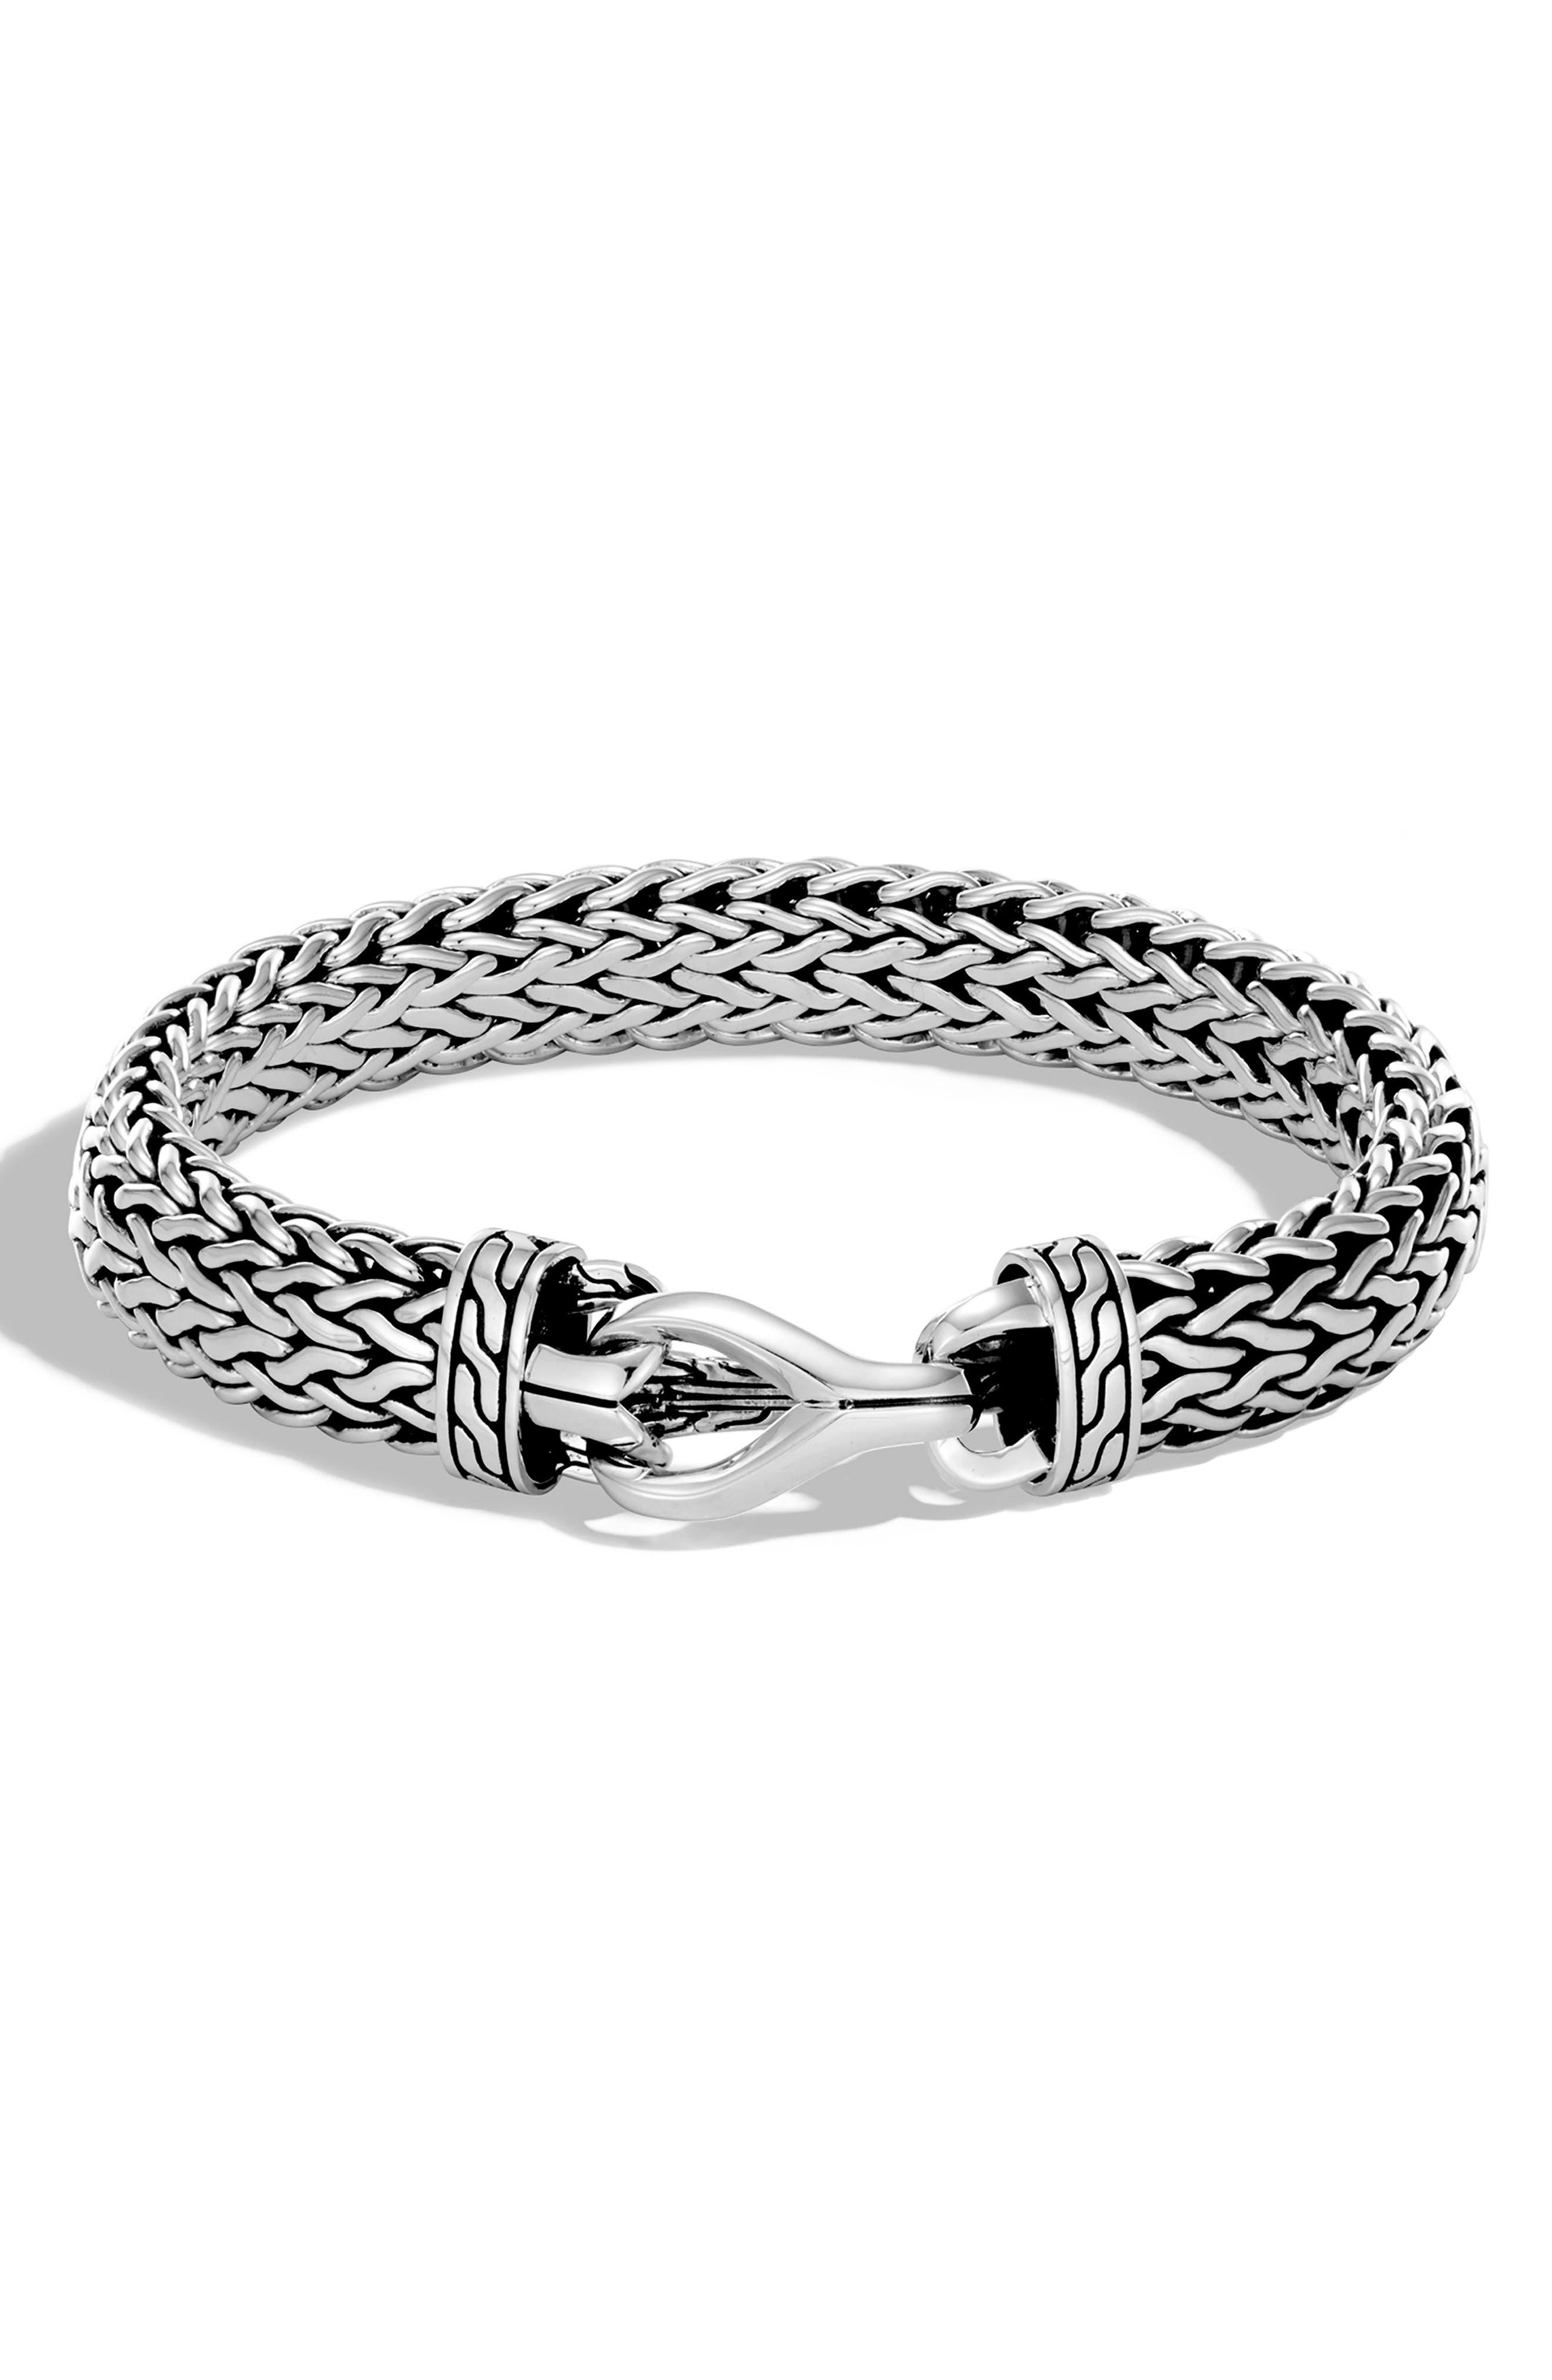 Men's Asli Classic Chain Link Bracelet,                         Main,                         color, Silver